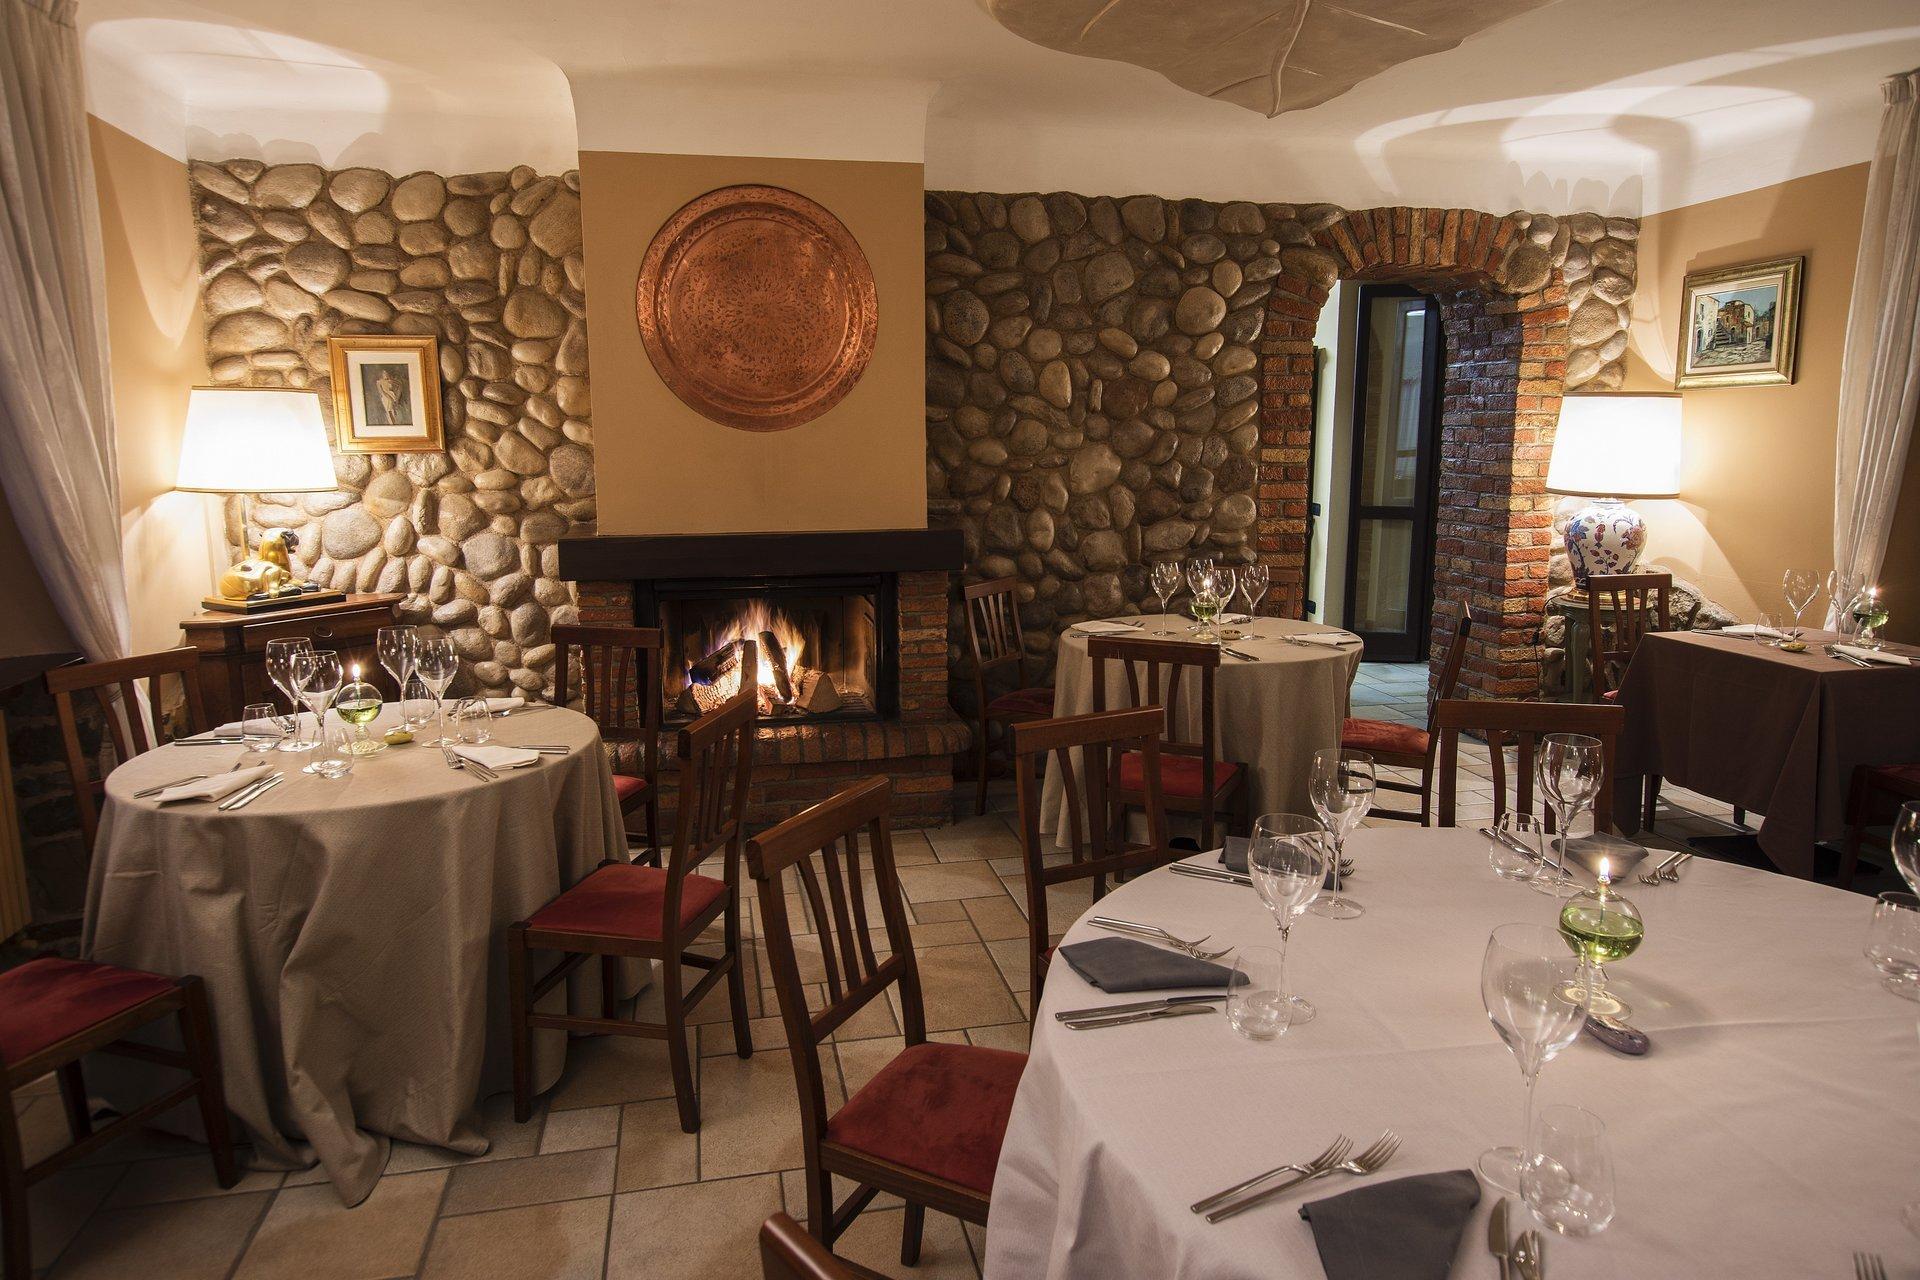 tavola in sala con camino